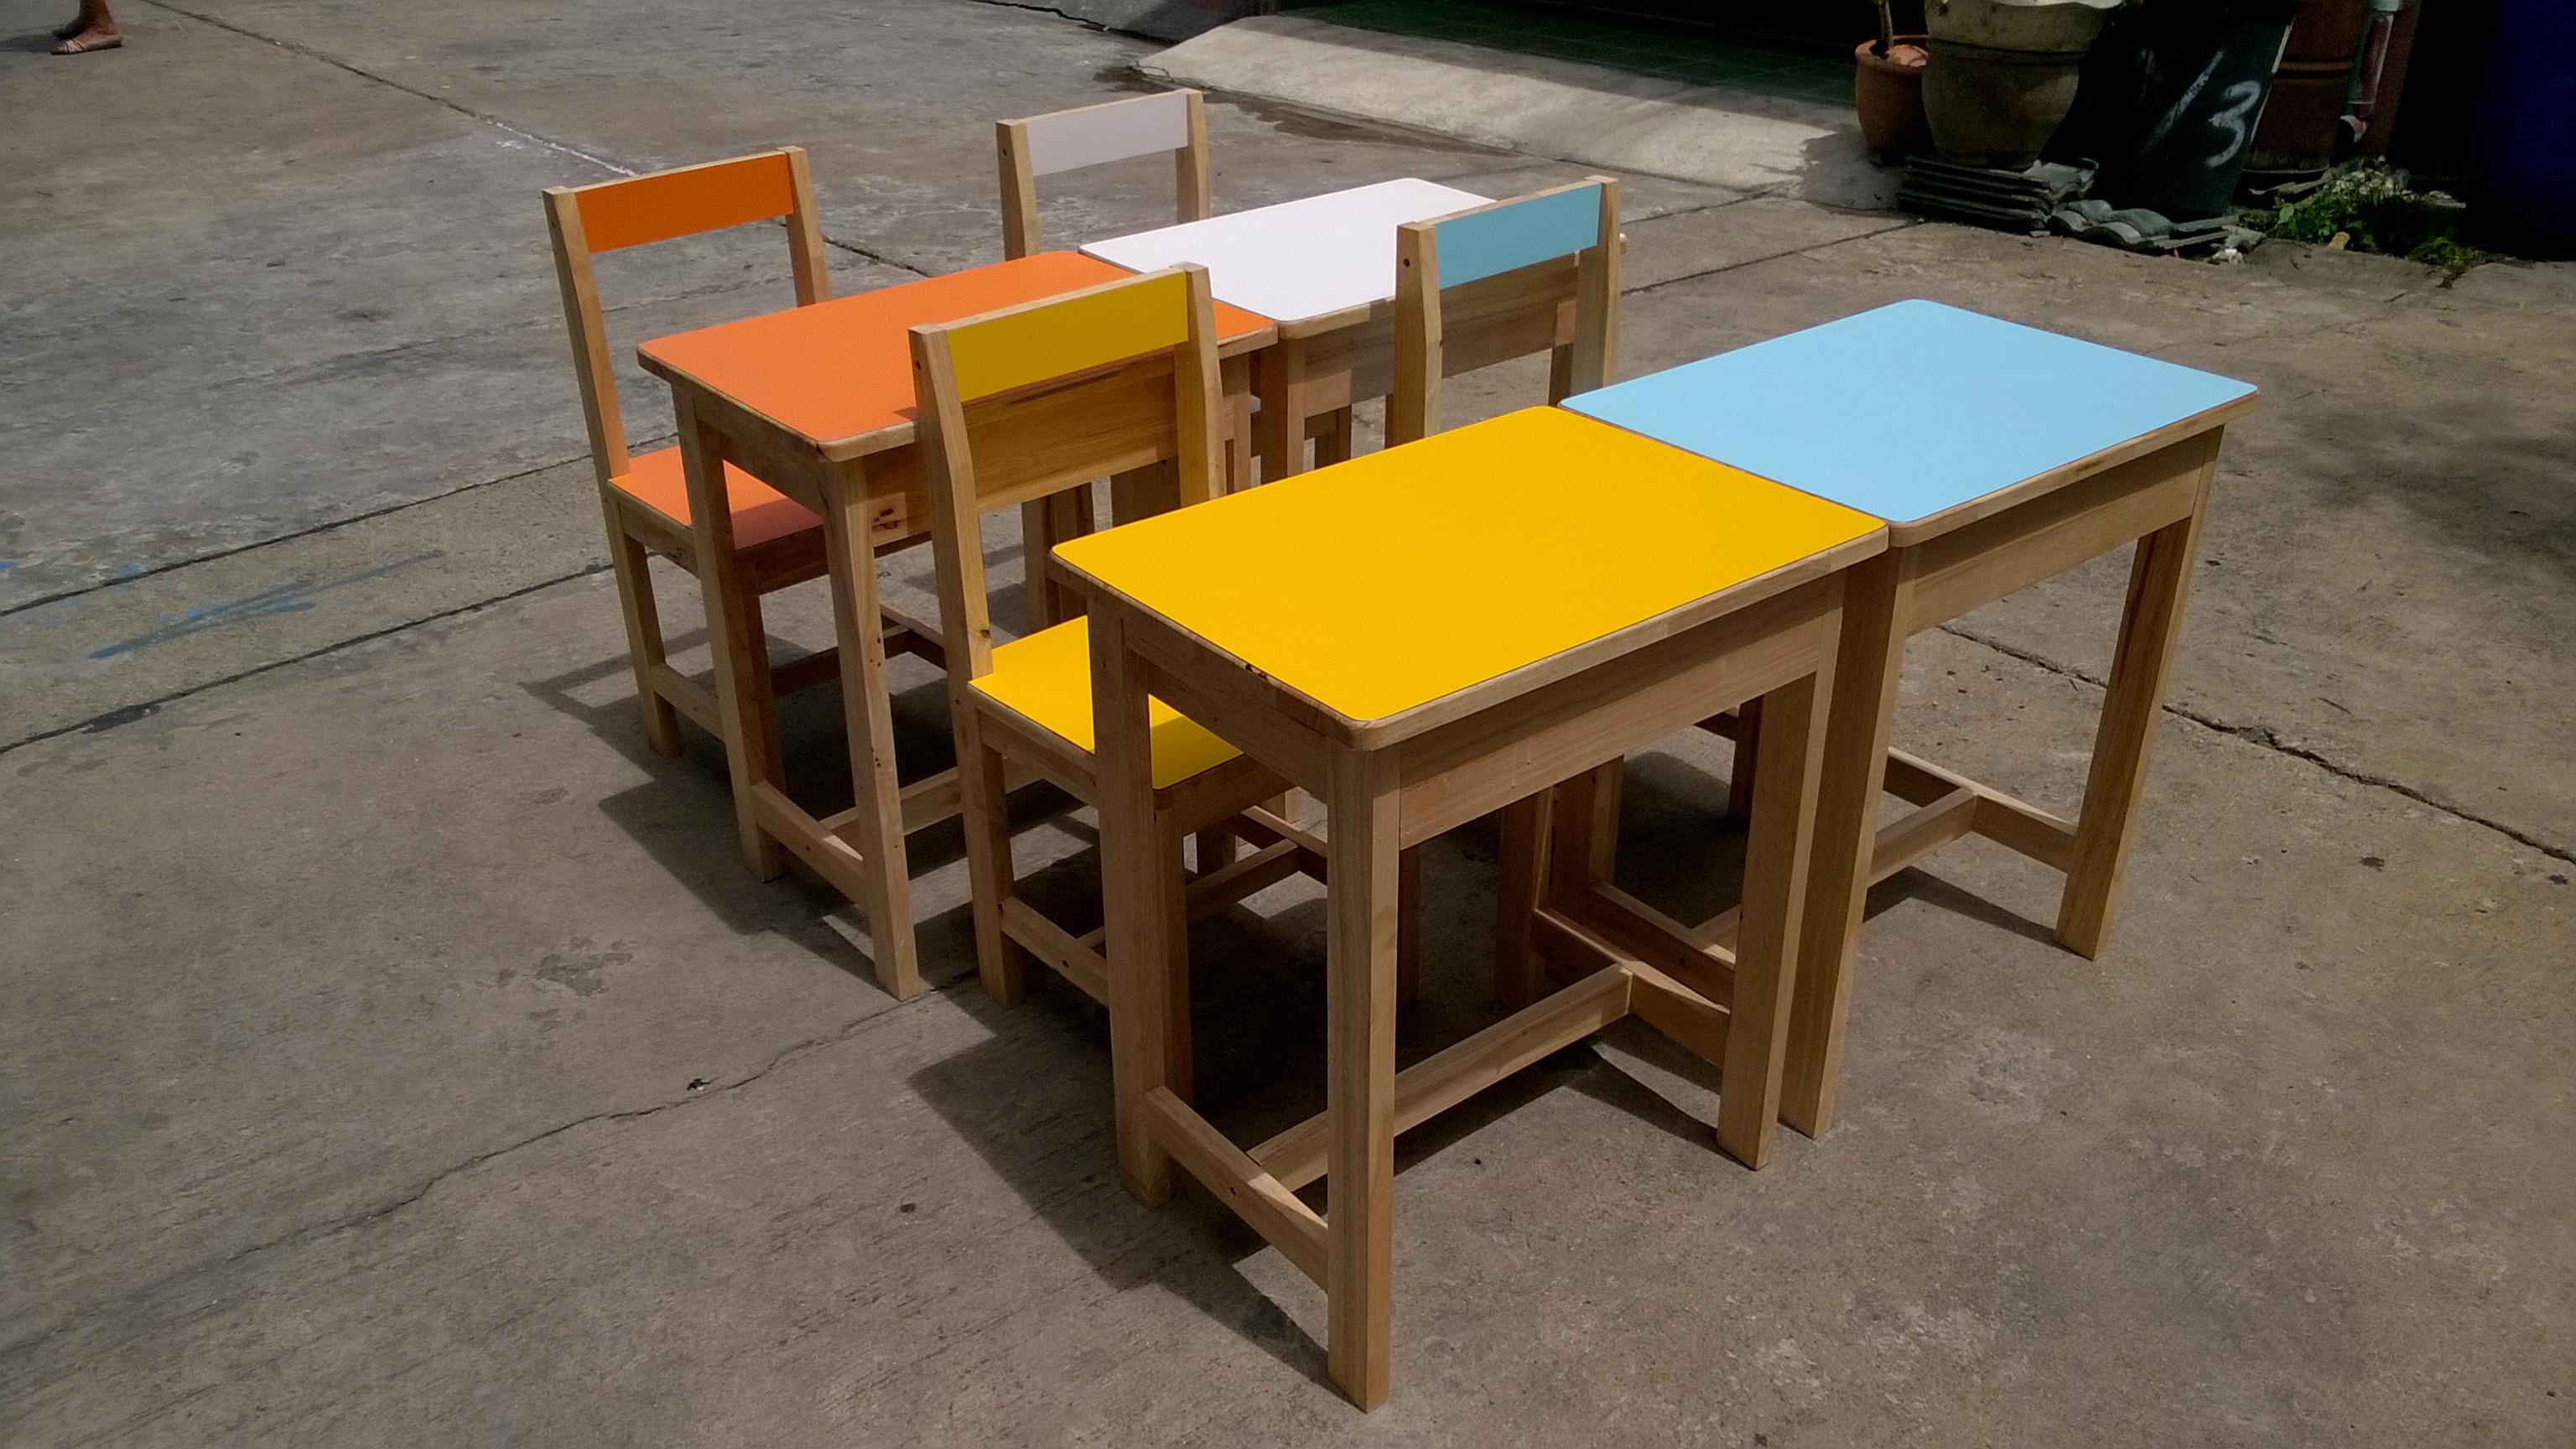 โต๊ะนักเรียน ประถม โต๊ะนักเรียนอนุบาล โต๊ะนักเรียนมัธยม